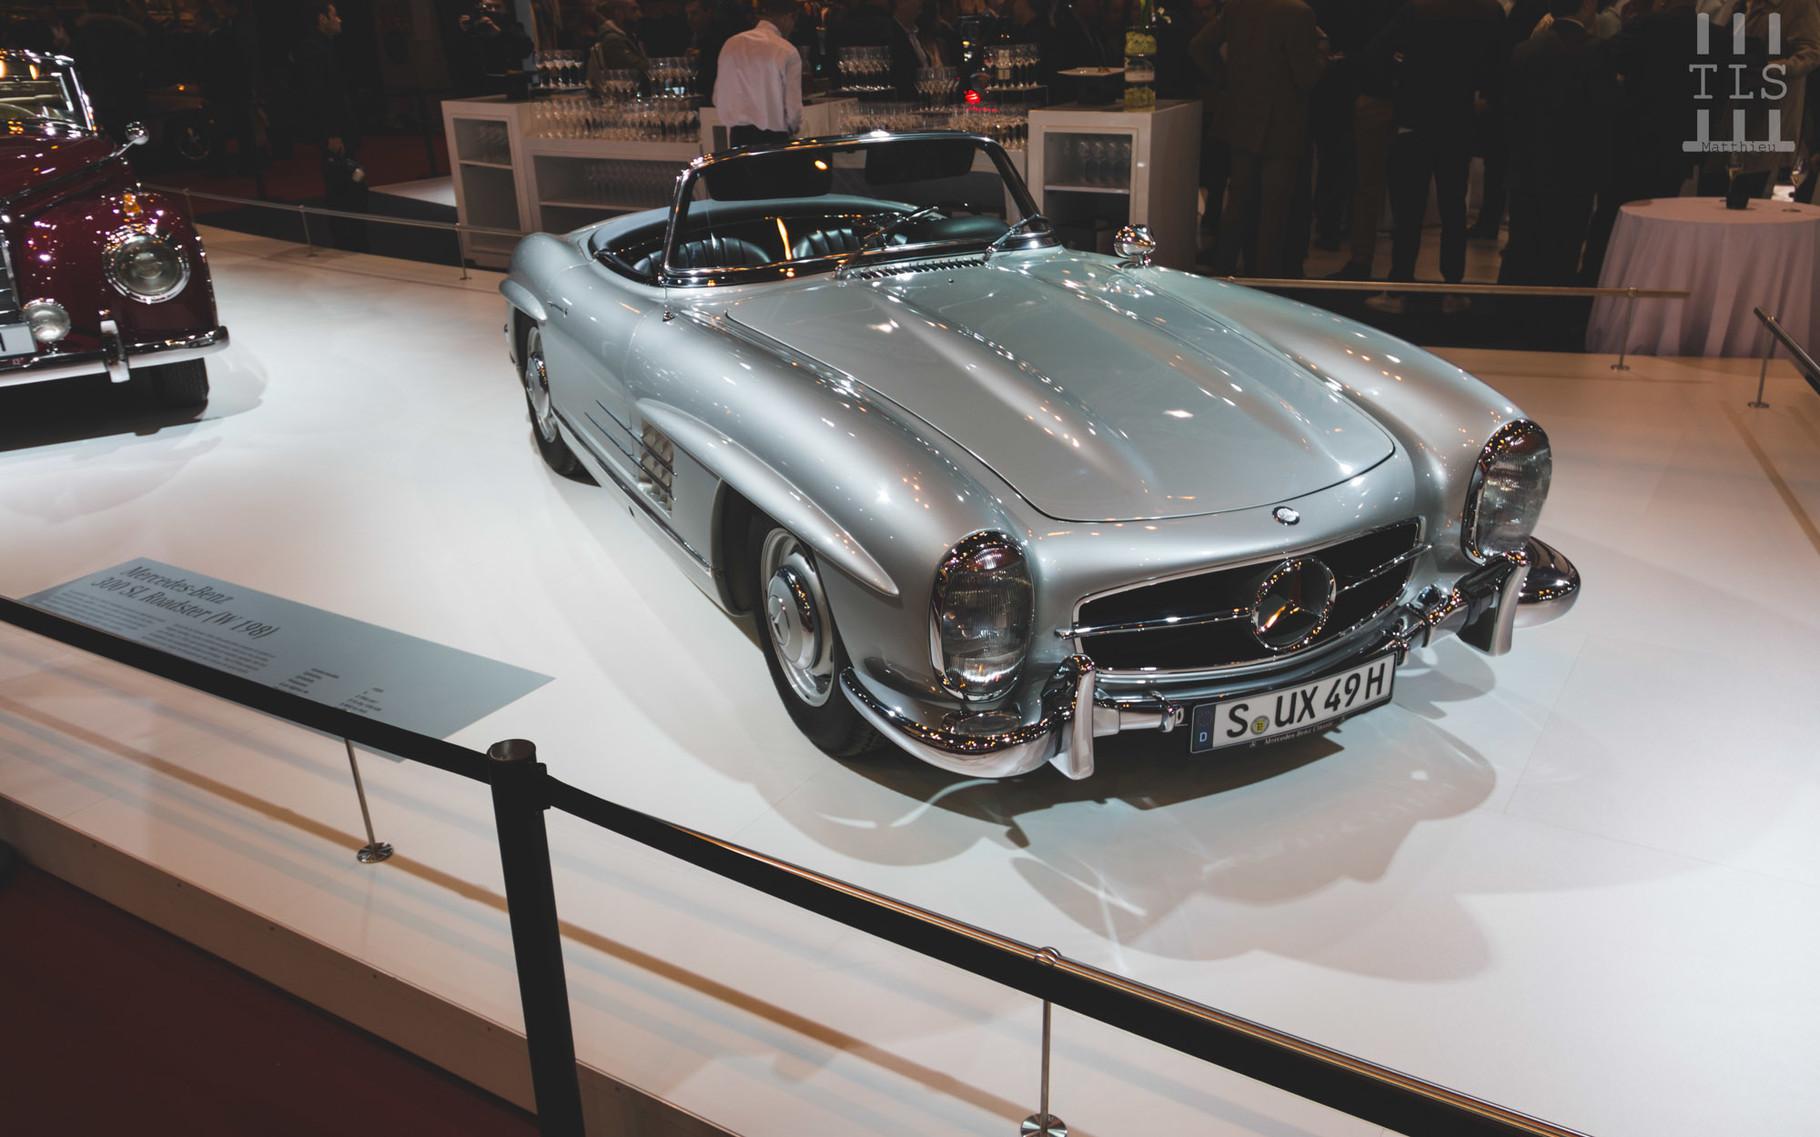 Comme chaque année, nous retrouvons une variante de la 300SL sur le stand Mercedes. Cette fois-ci, ce sera la version roadster.